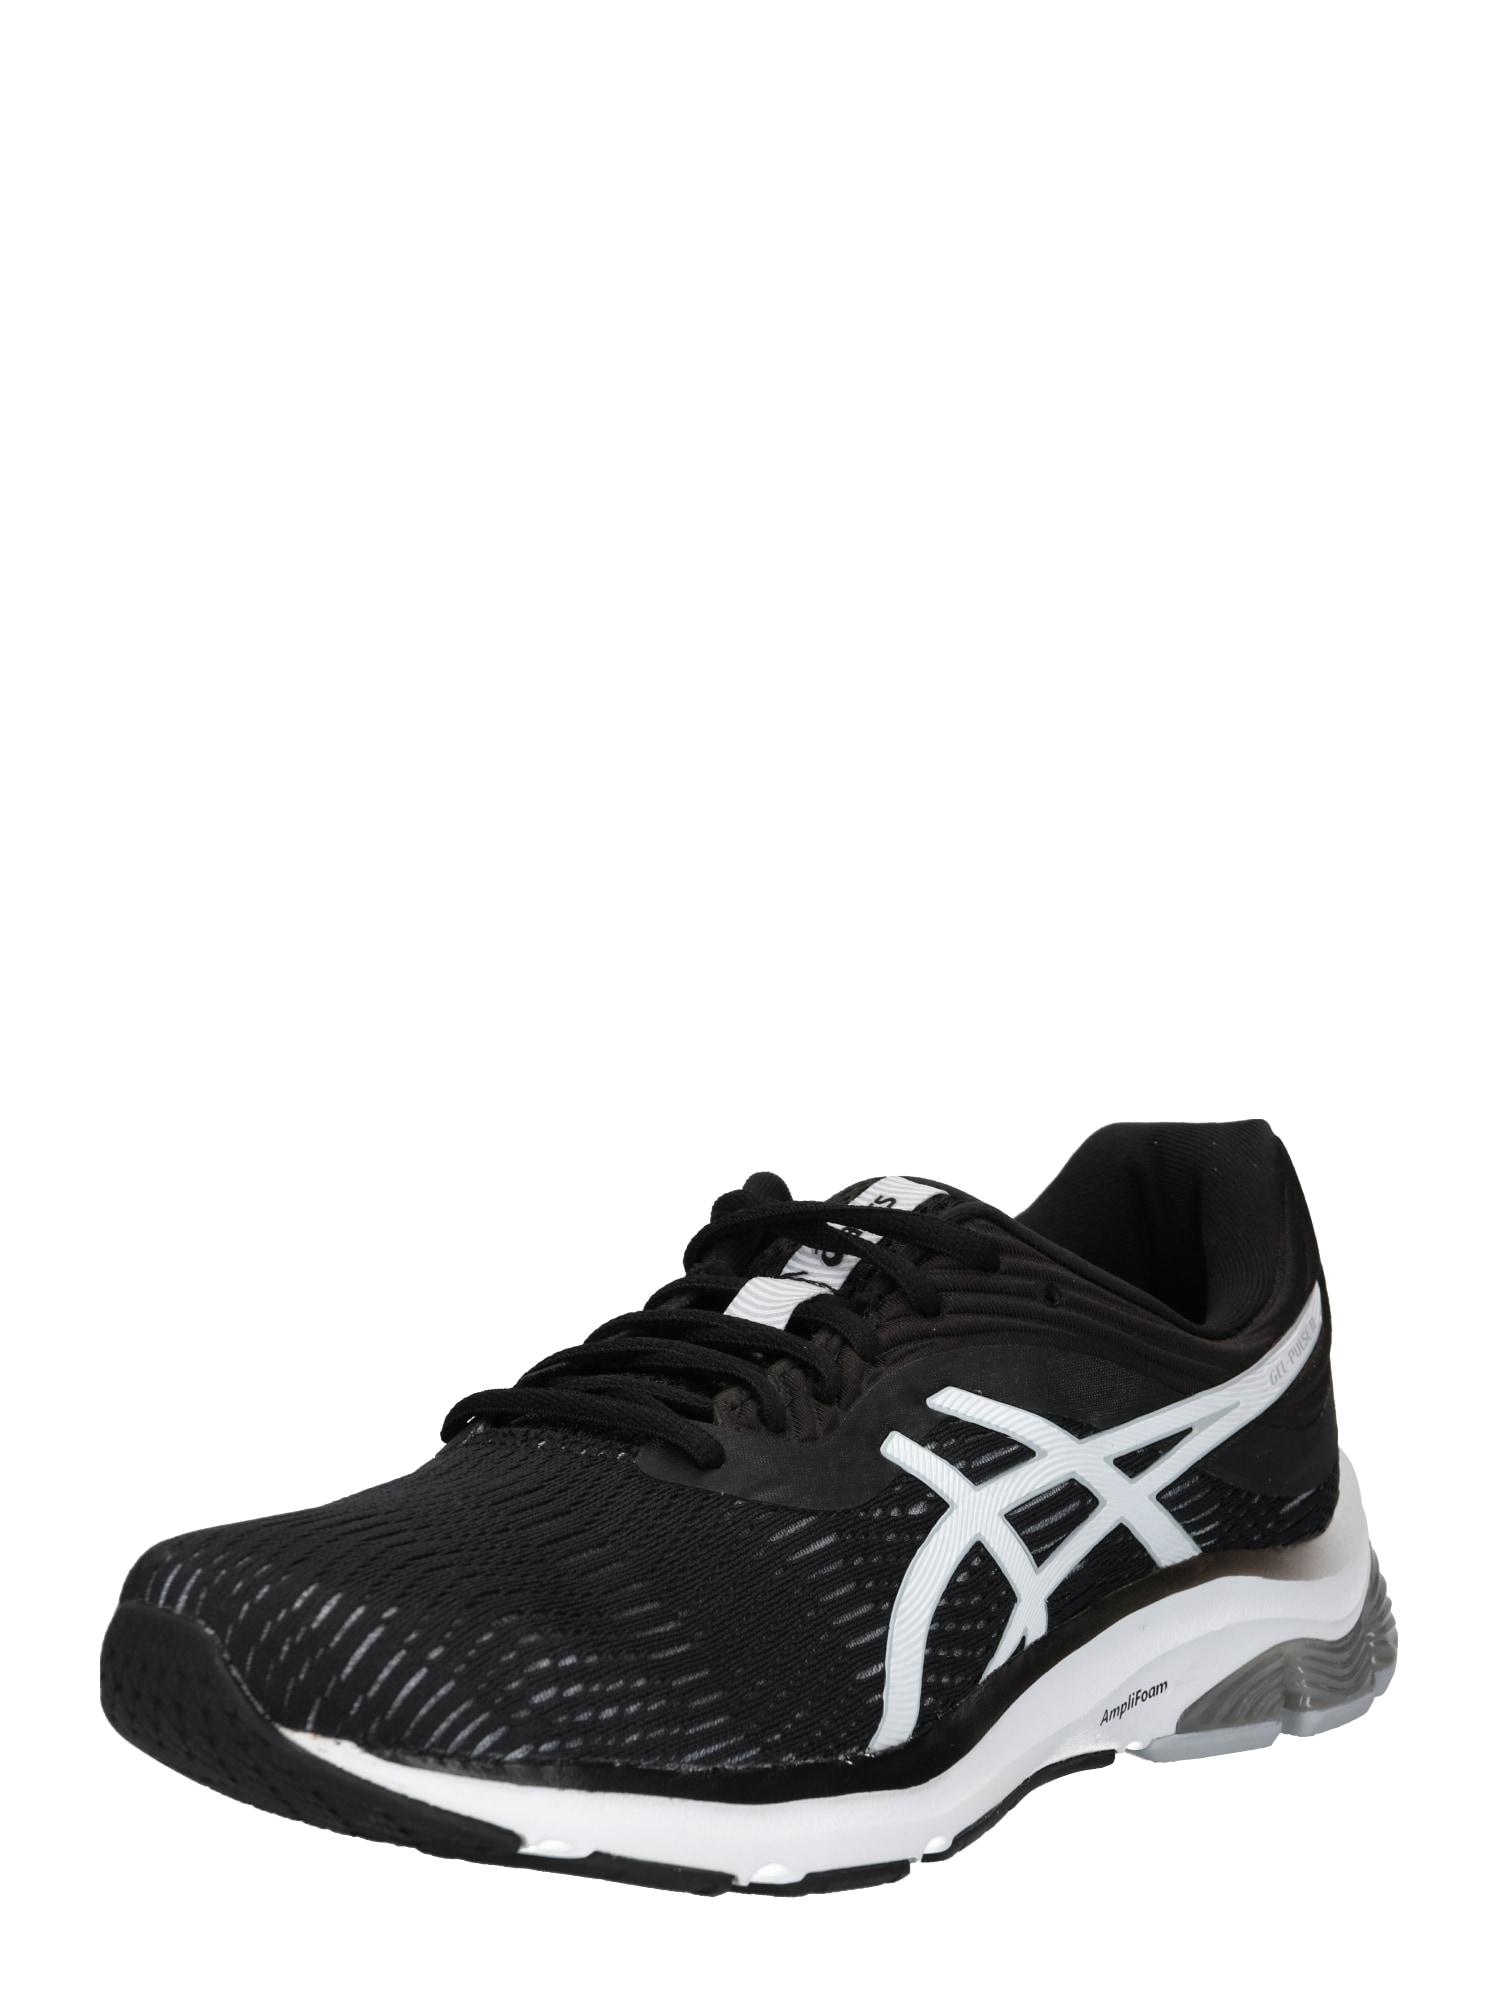 Běžecká obuv Gel-Pulse 11 černá bílá ASICS